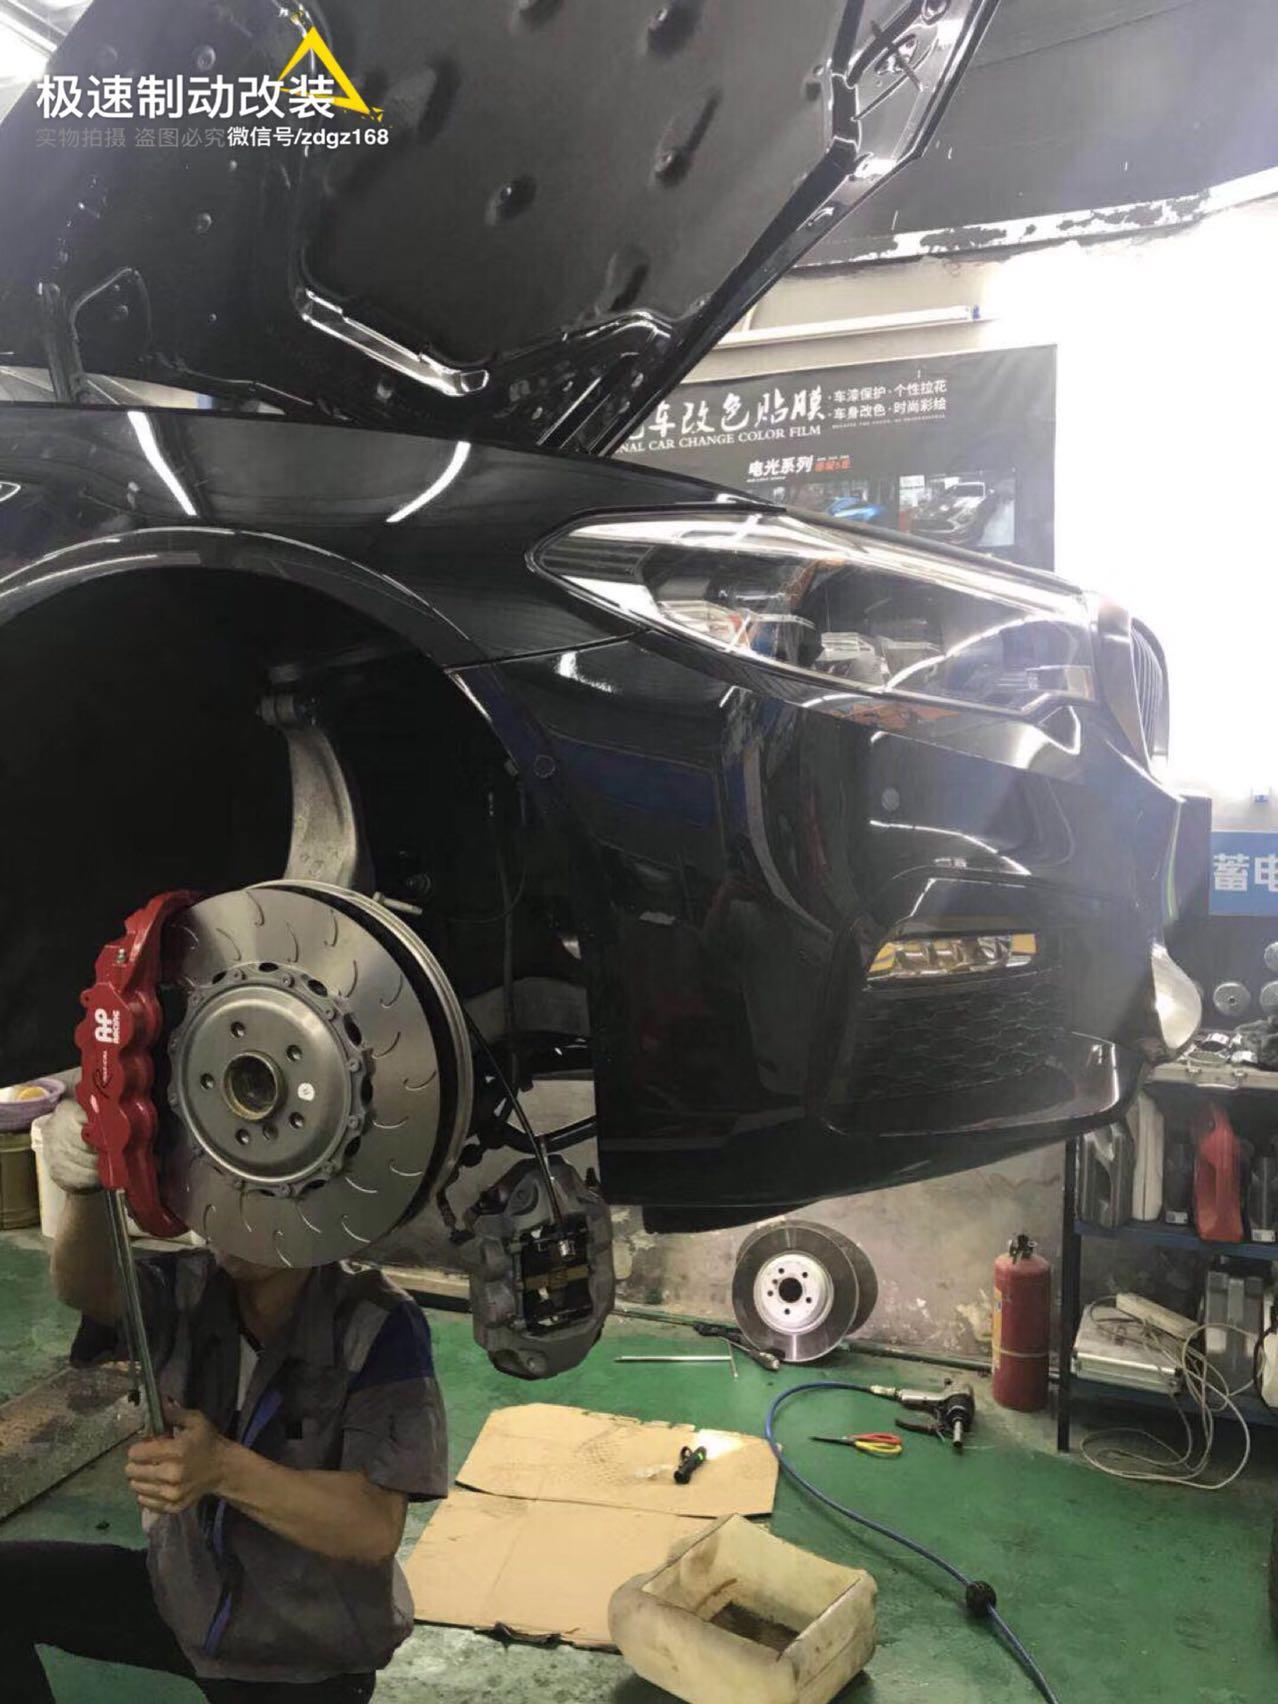 宝马新5系G38刹车升级前轮Ap8520大六活塞套件、红色大鲍鱼卡钳,效果灵敏制动。